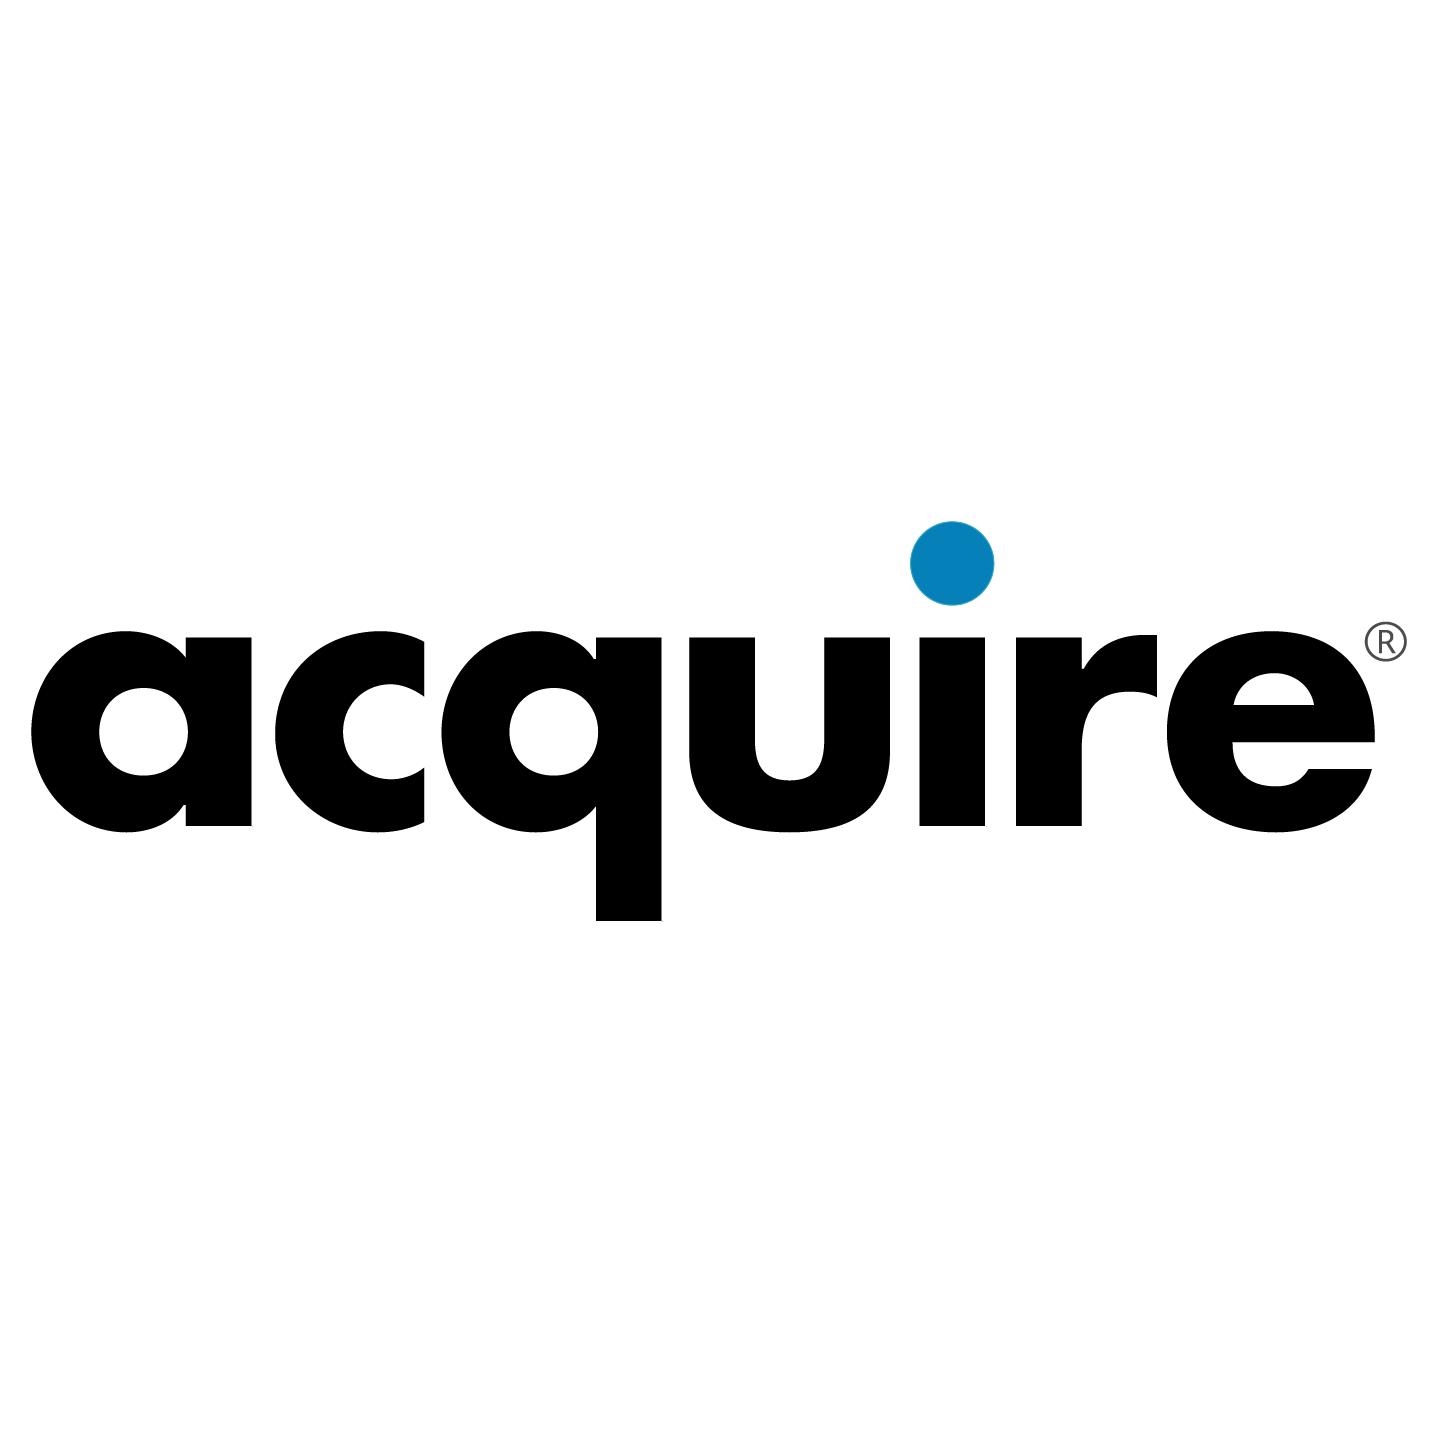 Acquire Direct Marketing